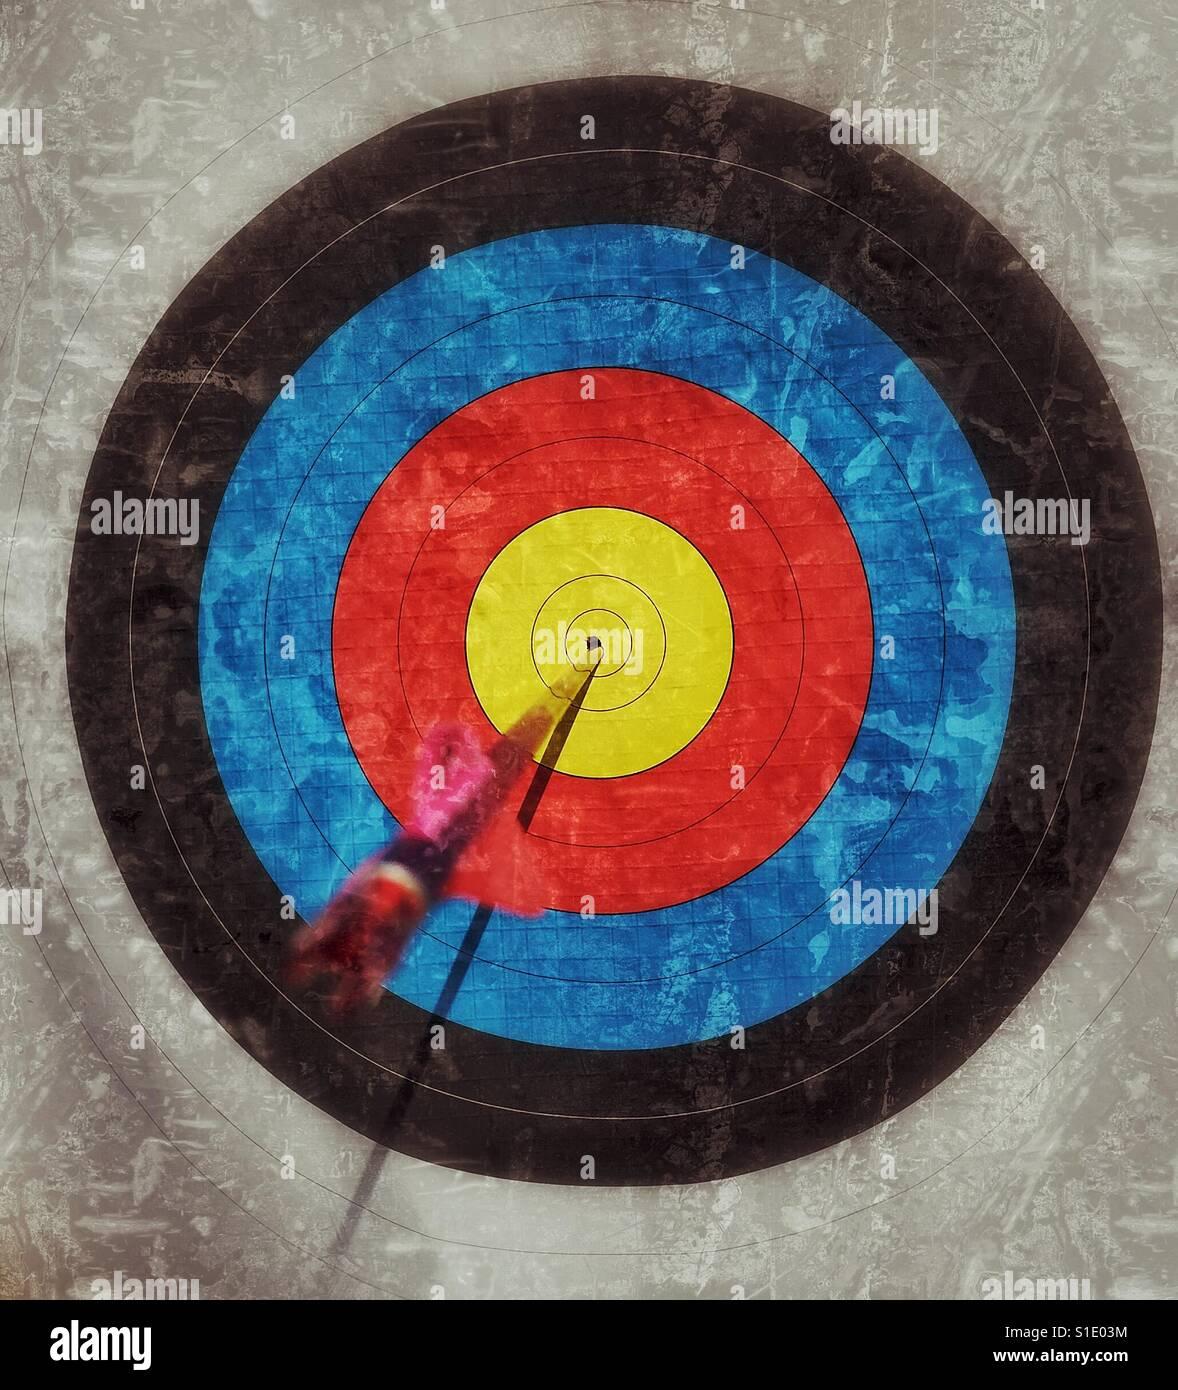 BULLSEYE! Das perfekte Bogenschießen geschossen. Ein Grunge-Effekt Bild eines Pfeils in der Totpunkt der eine Stockbild